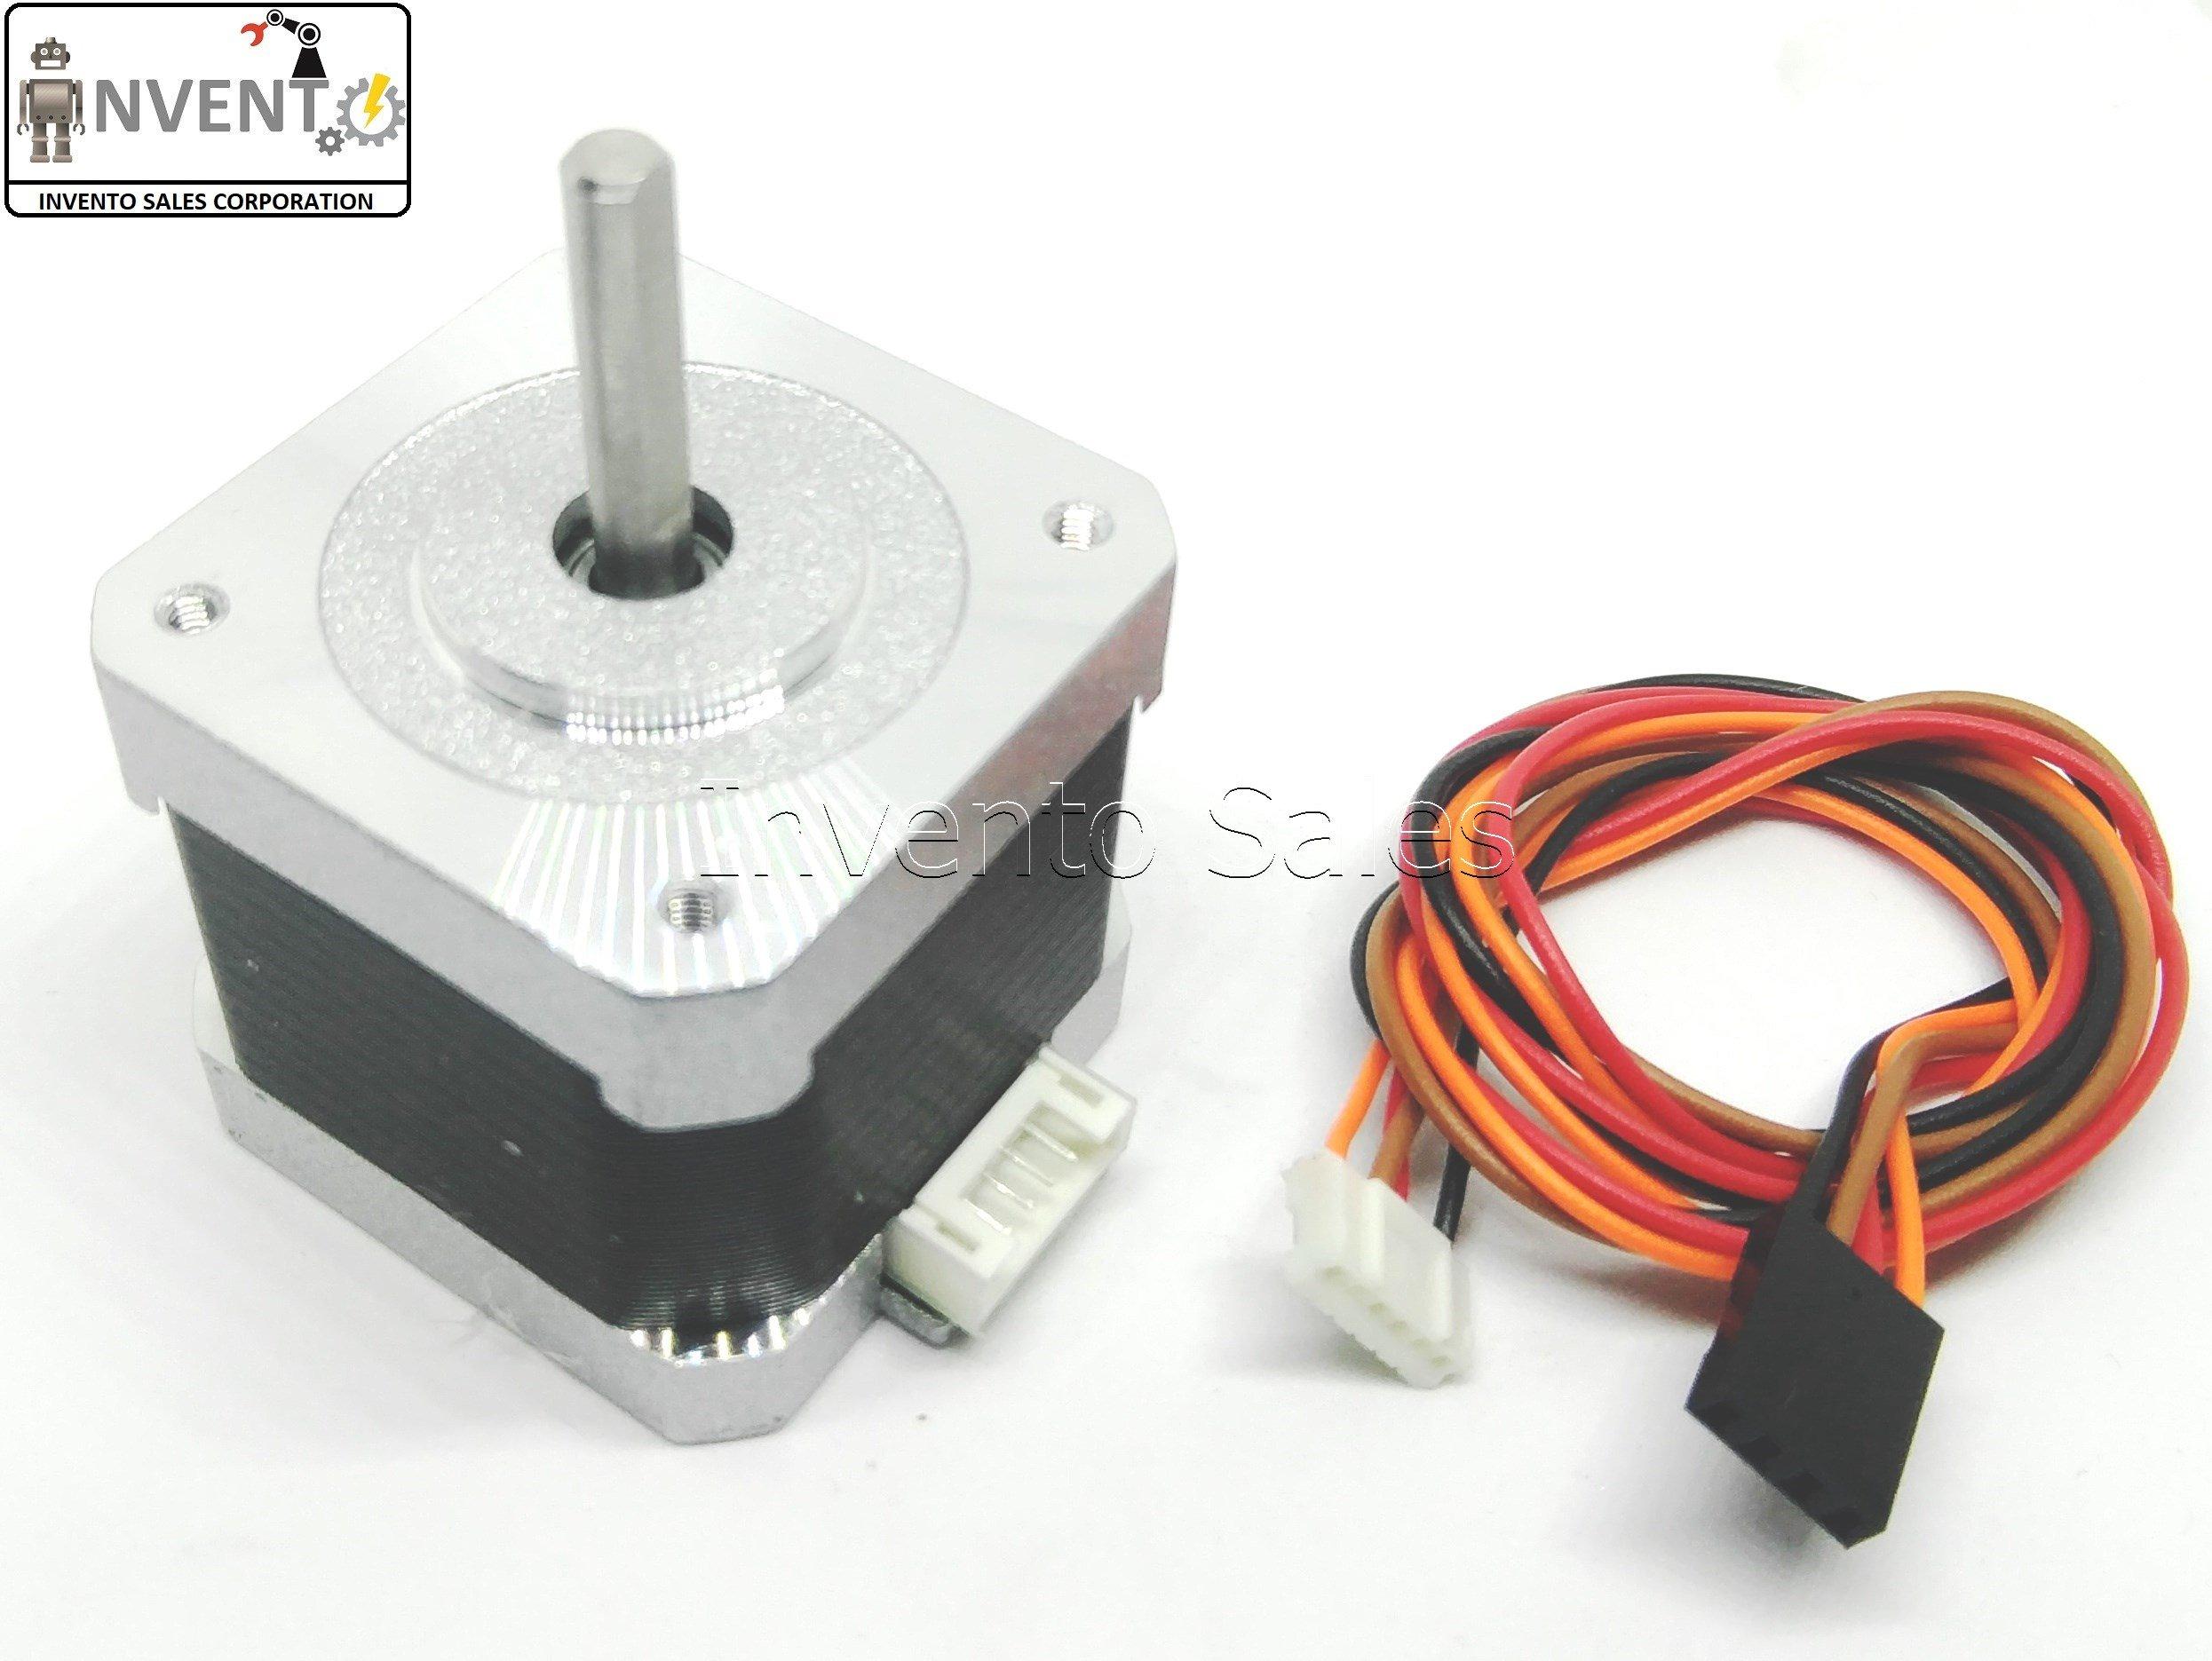 INVENTO ISC 224 Nema 17 4.2 Kg-cm Bipolar Stepper Motor CNC Robotics DIY Projects 3D Printer product image